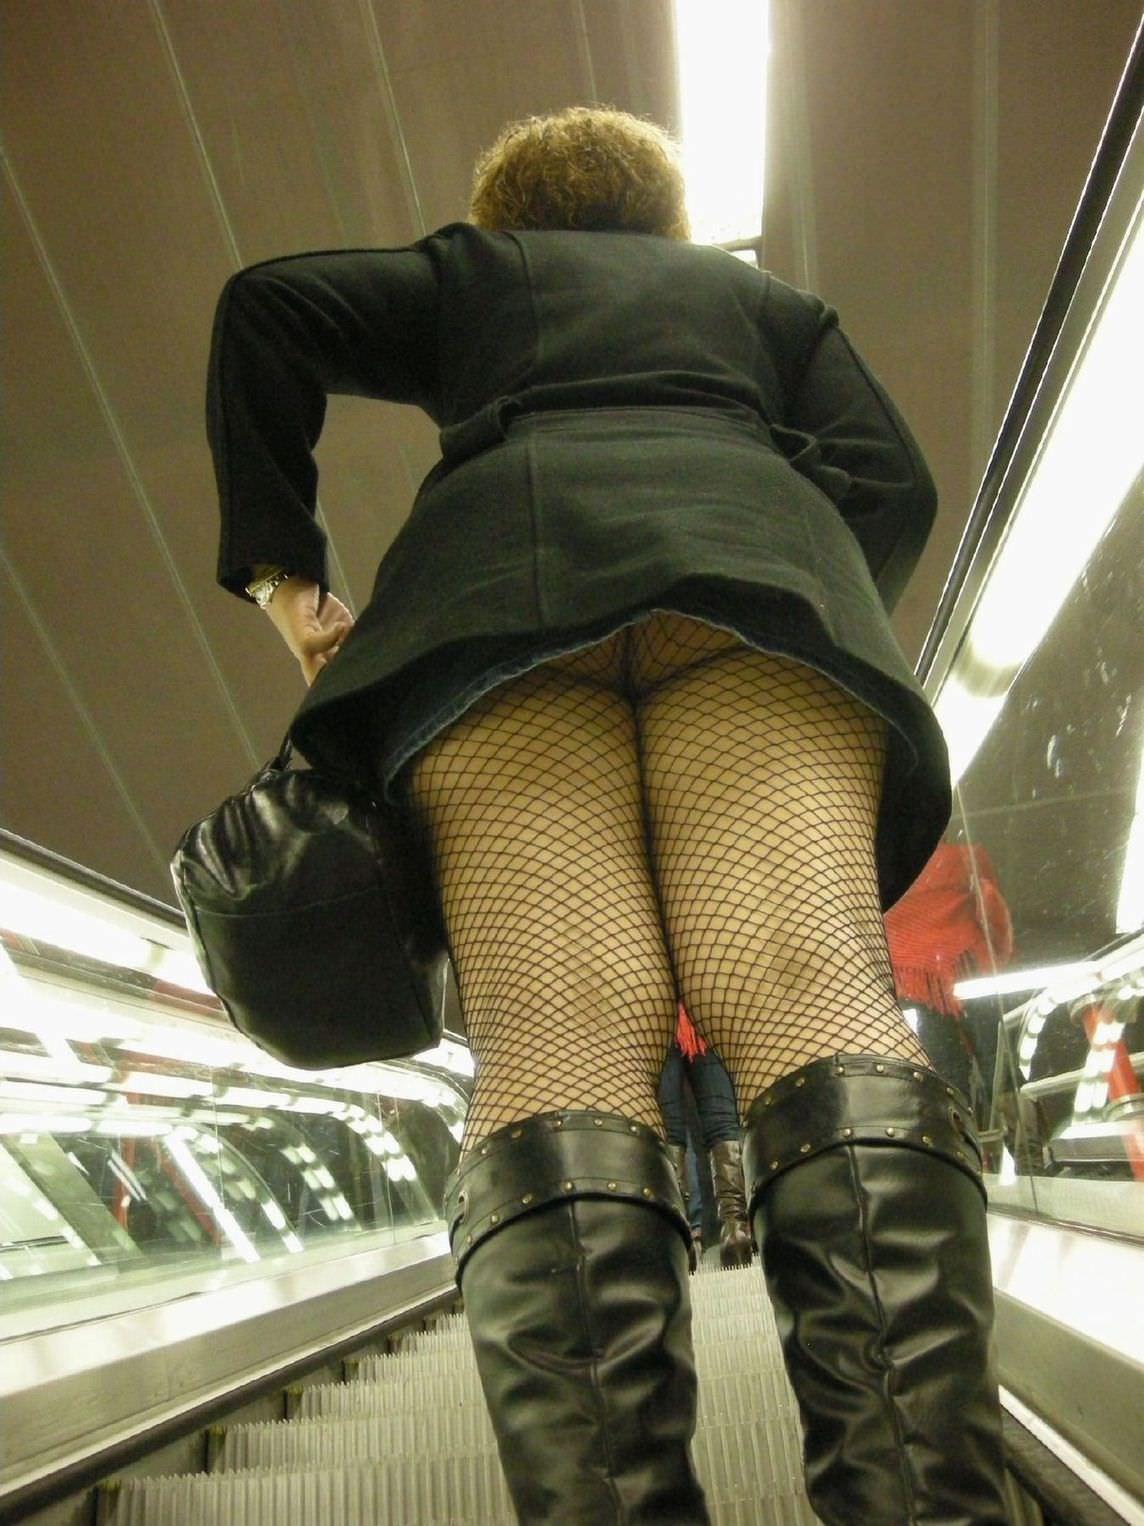 ミニスカ過ぎてお尻見えちゃってるぅーwwwお姉さんの街撮りパンチラ画像!!!! 0327